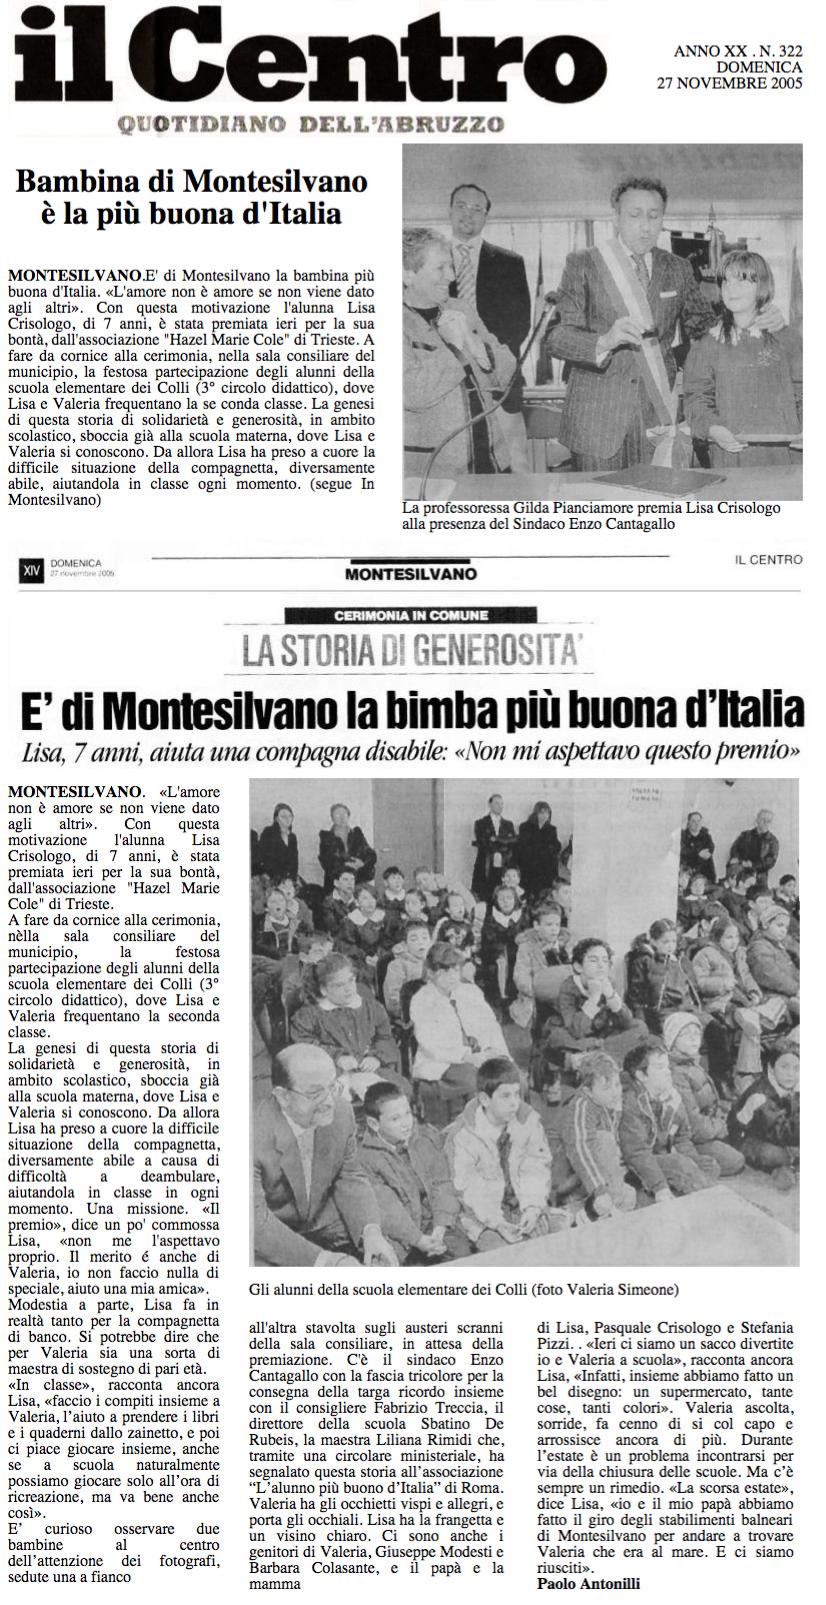 27 novembre 2005 Il Centro, Quotidiano d'Abruzzo E'di Montesilvano è la bambina più buona d'Italia